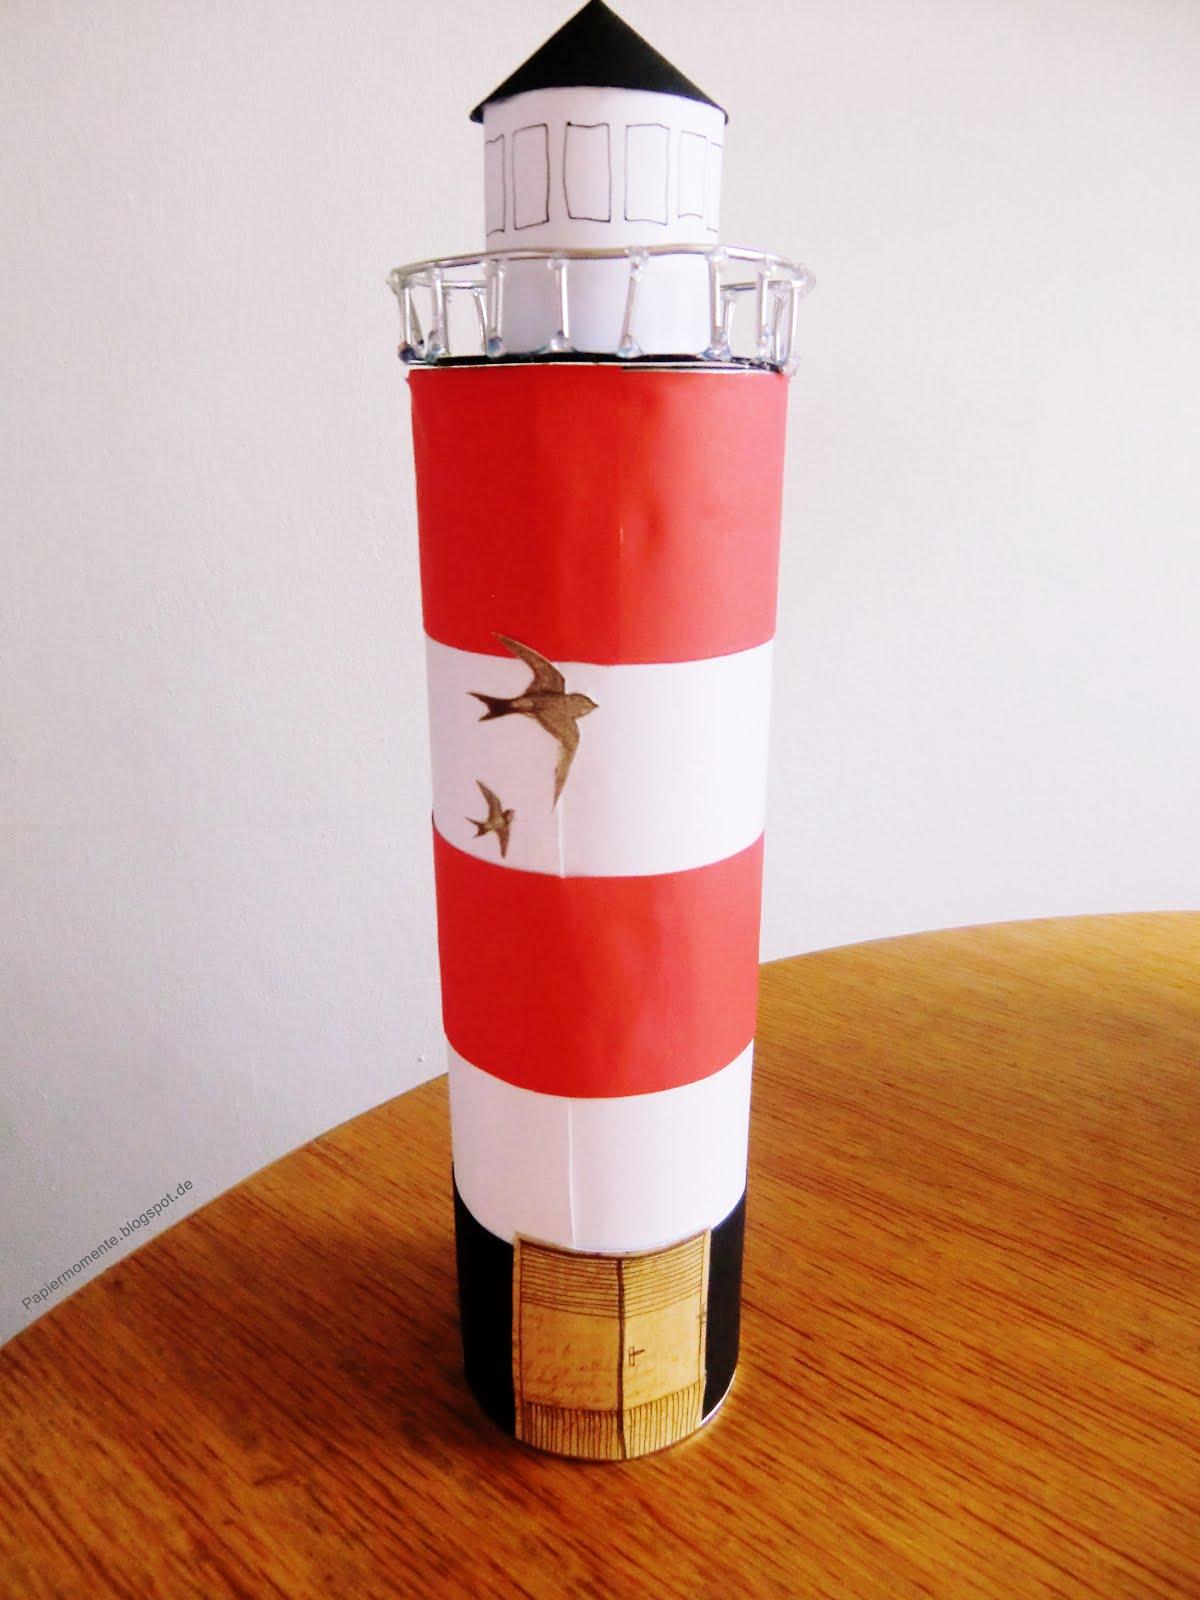 Wiola 39 s papiermomente leuchtturm selbst gestalten for Leuchtturm basteln